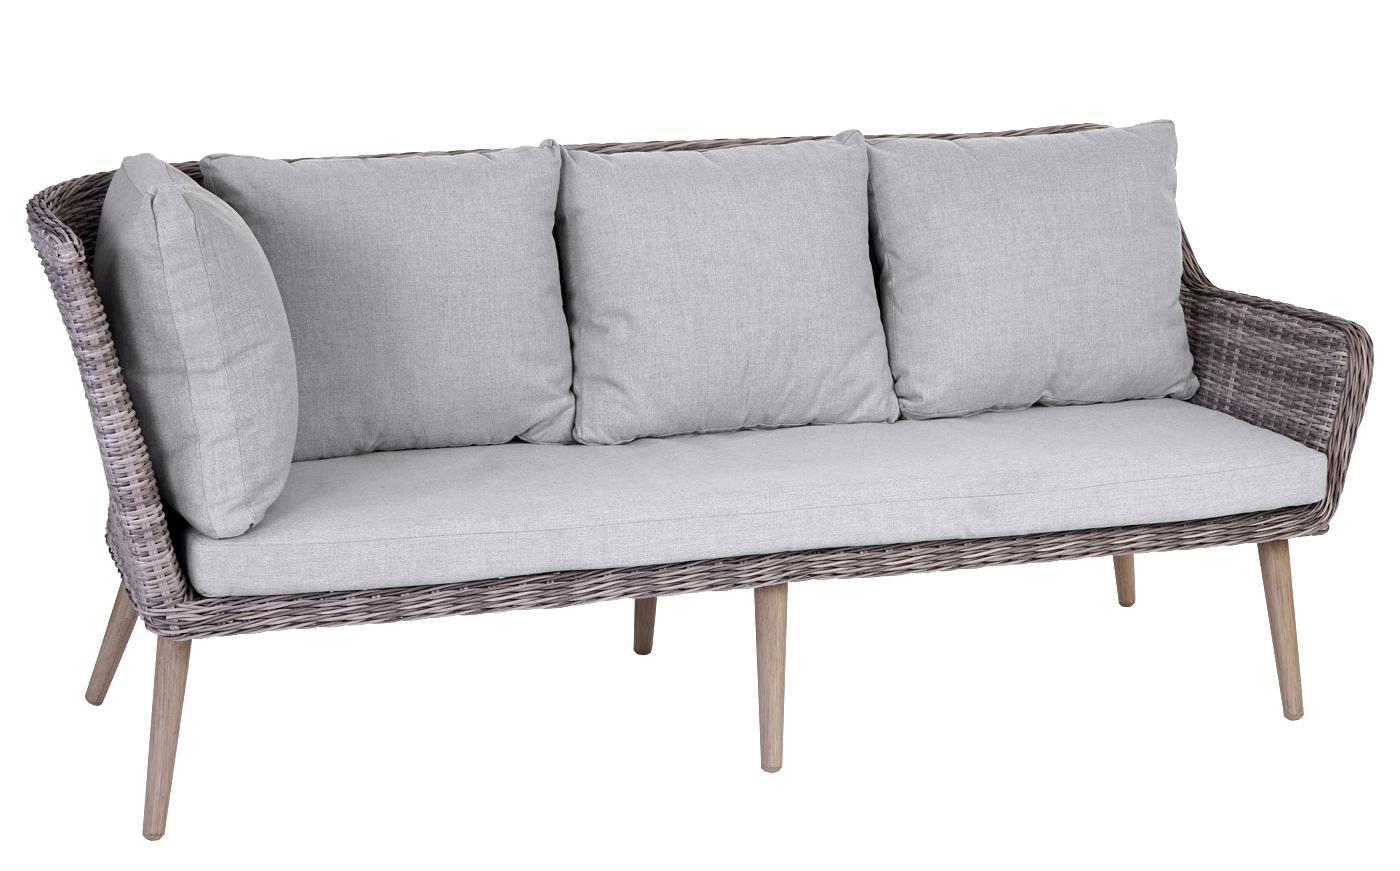 luxus poly rattan garnitur bilbao premium lounge esstisch set alu gestell ebay. Black Bedroom Furniture Sets. Home Design Ideas